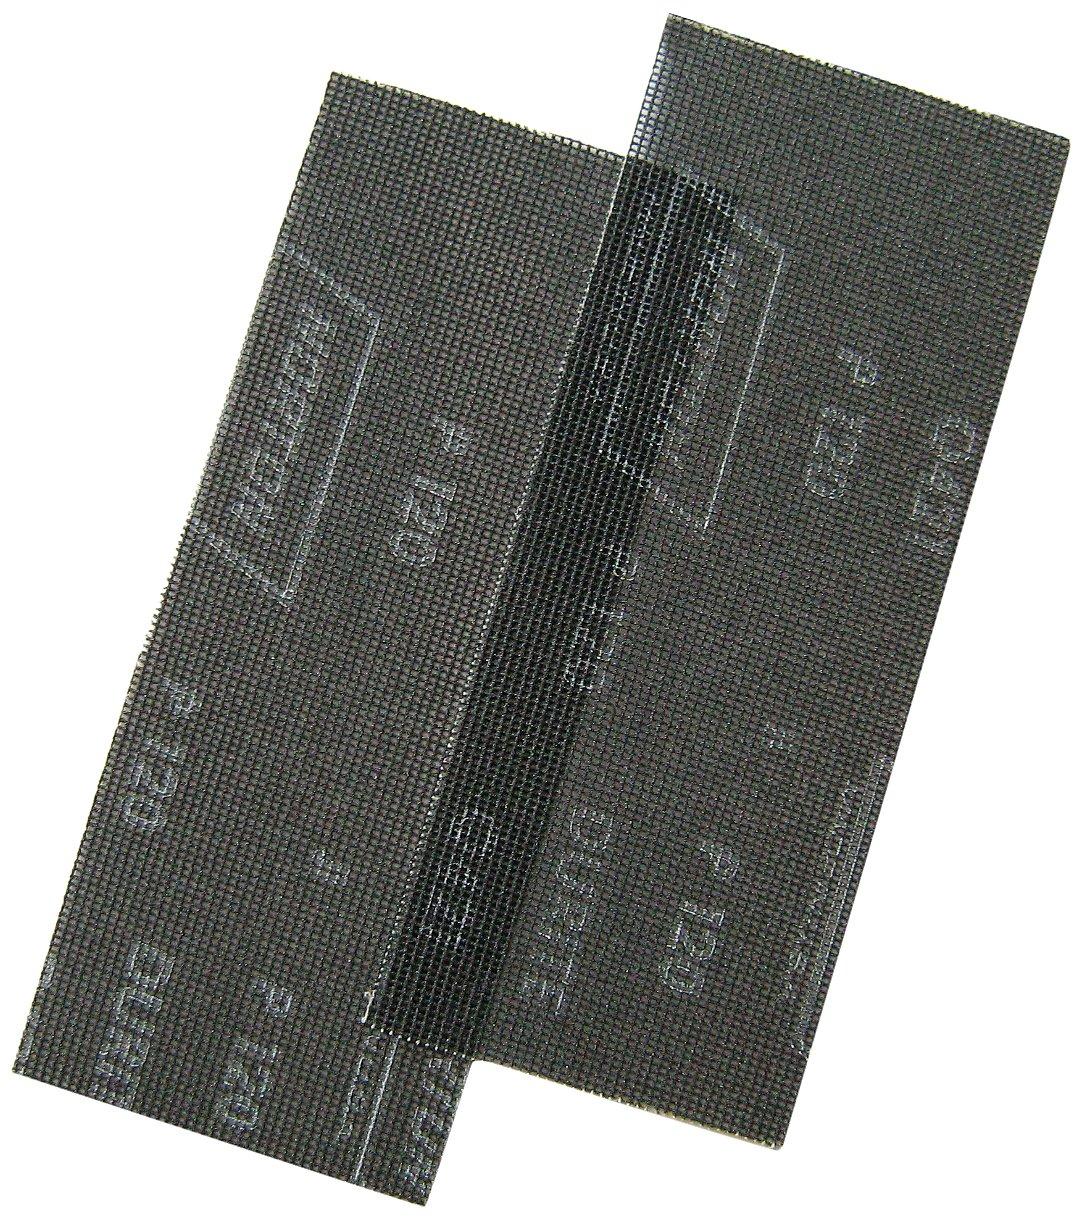 50 unidades de lija hojas 105 x 152 mm ventaro grano 80 para lijadora Bosch Prio